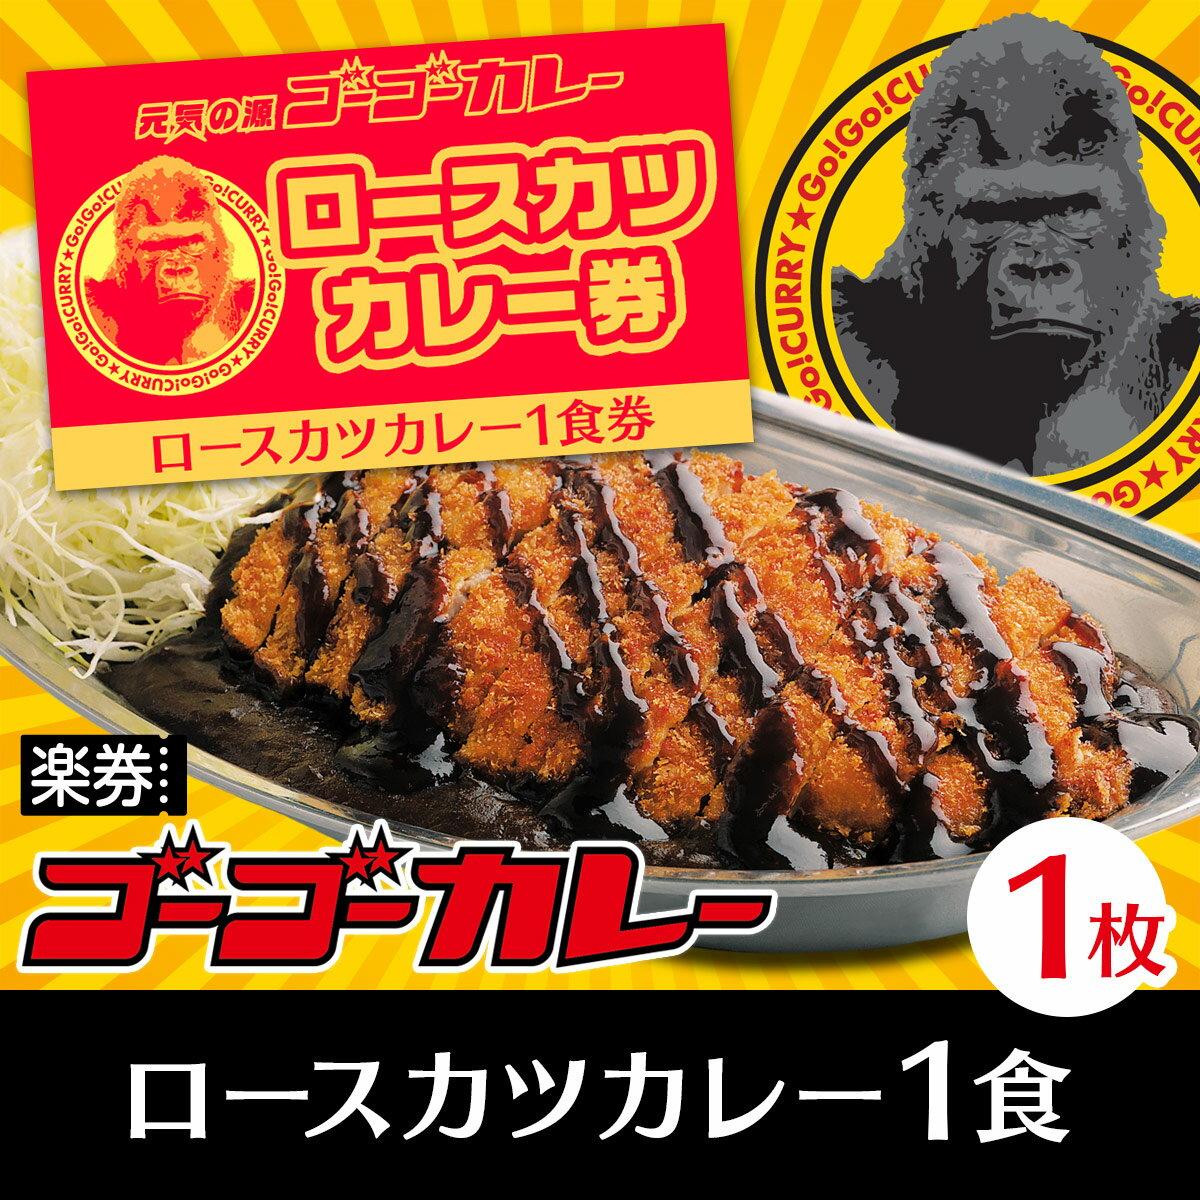 【楽券】 ゴーゴーカレー ロースカツカレー 1食券 1枚